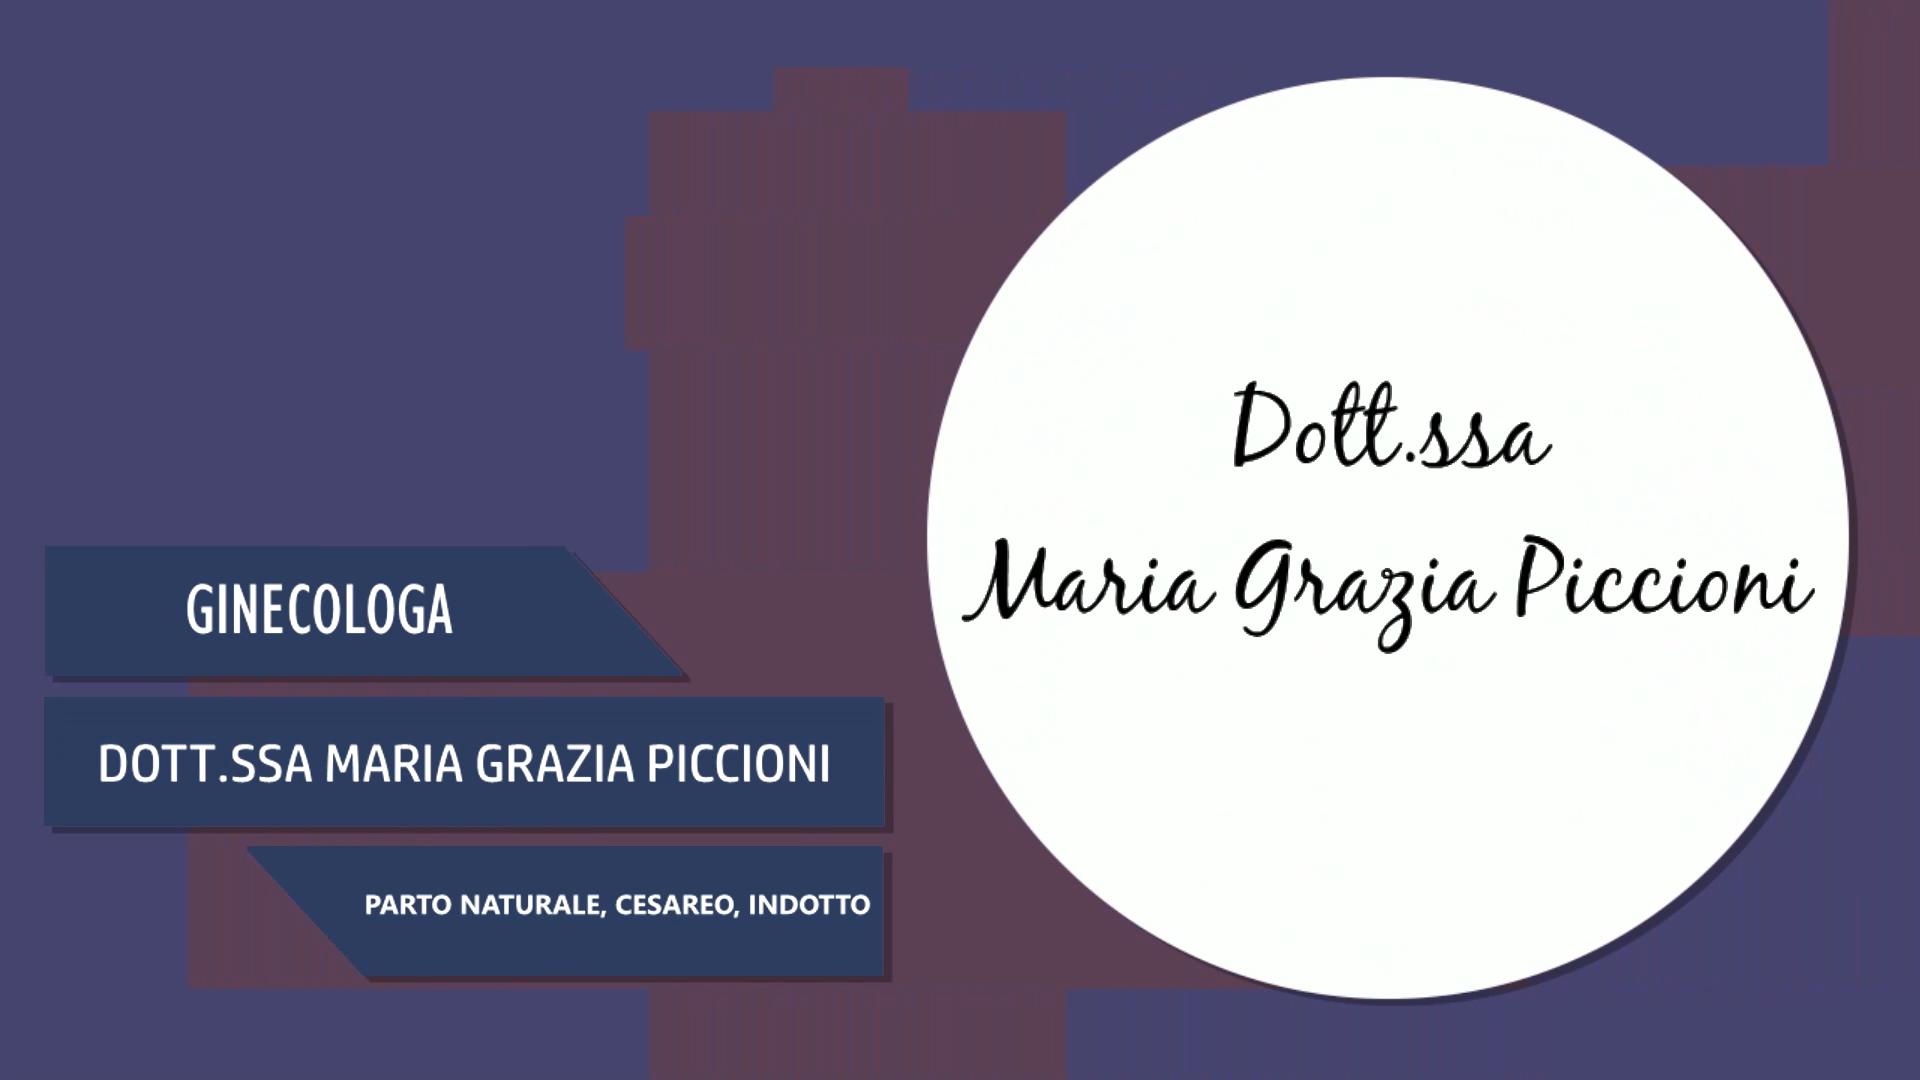 Intervista alla Dott.ssa Maria Grazia Piccioni – Parto Naturale, Cesareo, Indotto